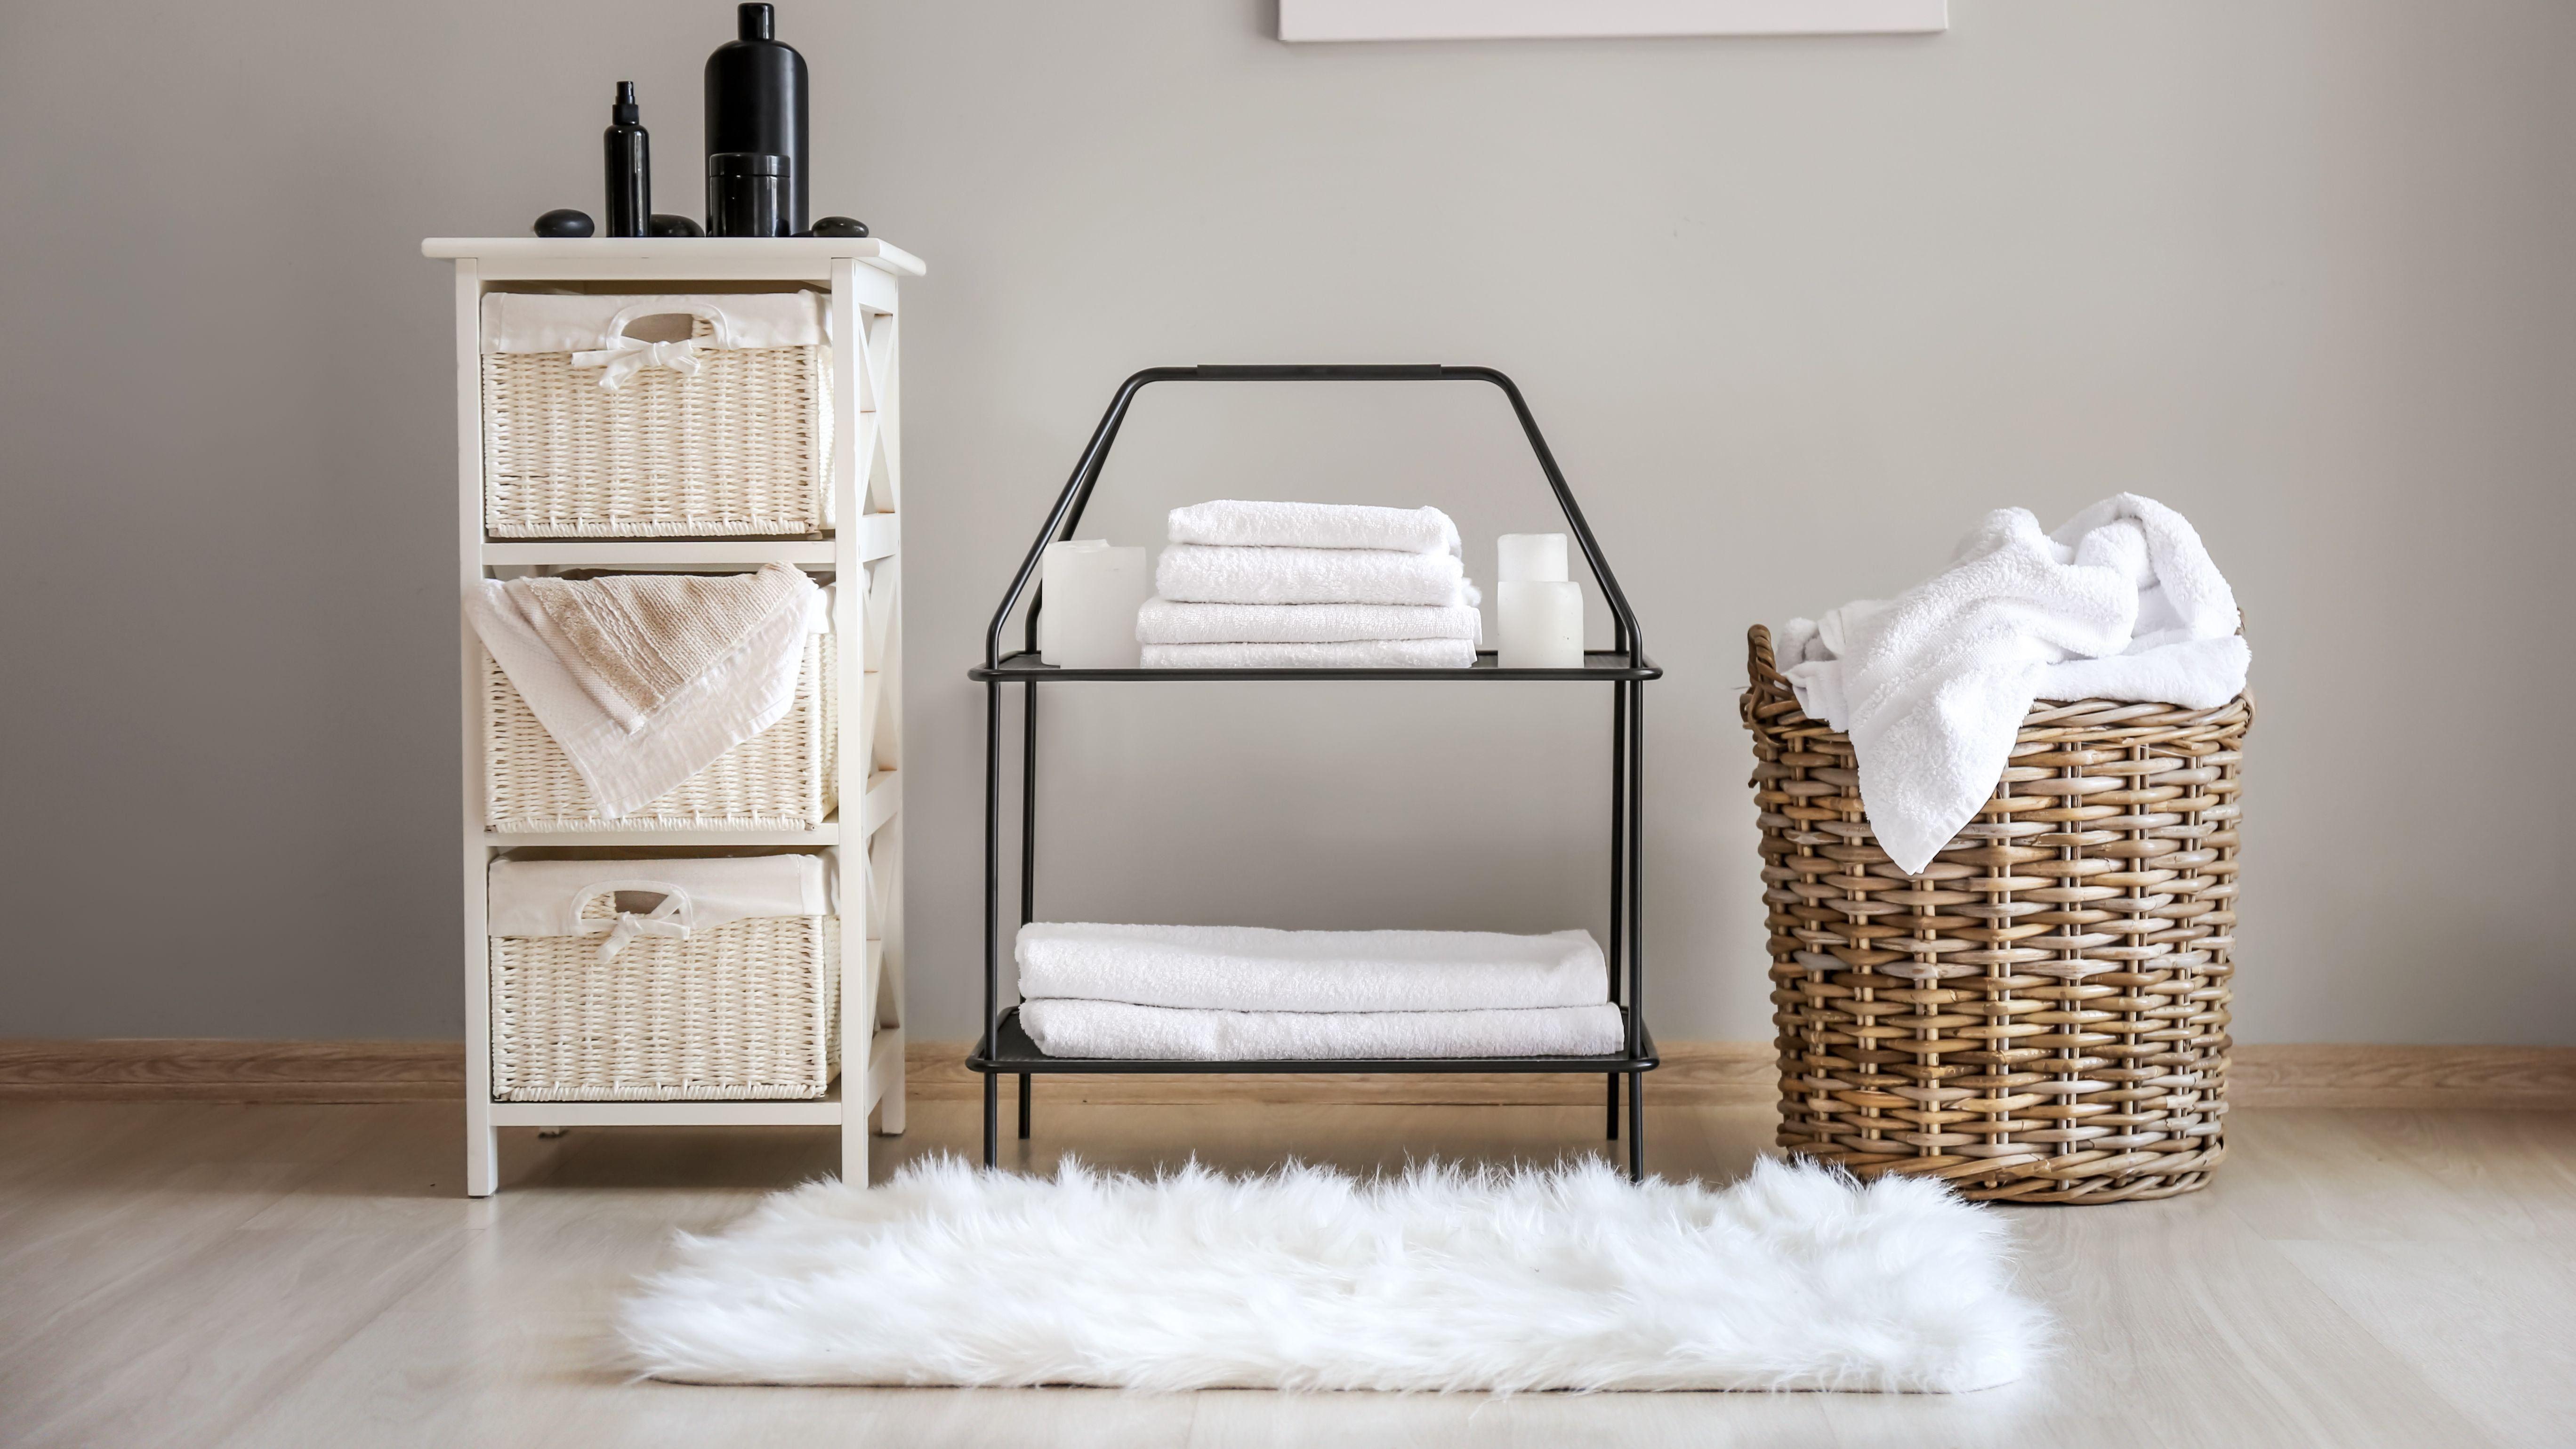 Ripiani e contenitori per la doccia del bagno:  come scegliere